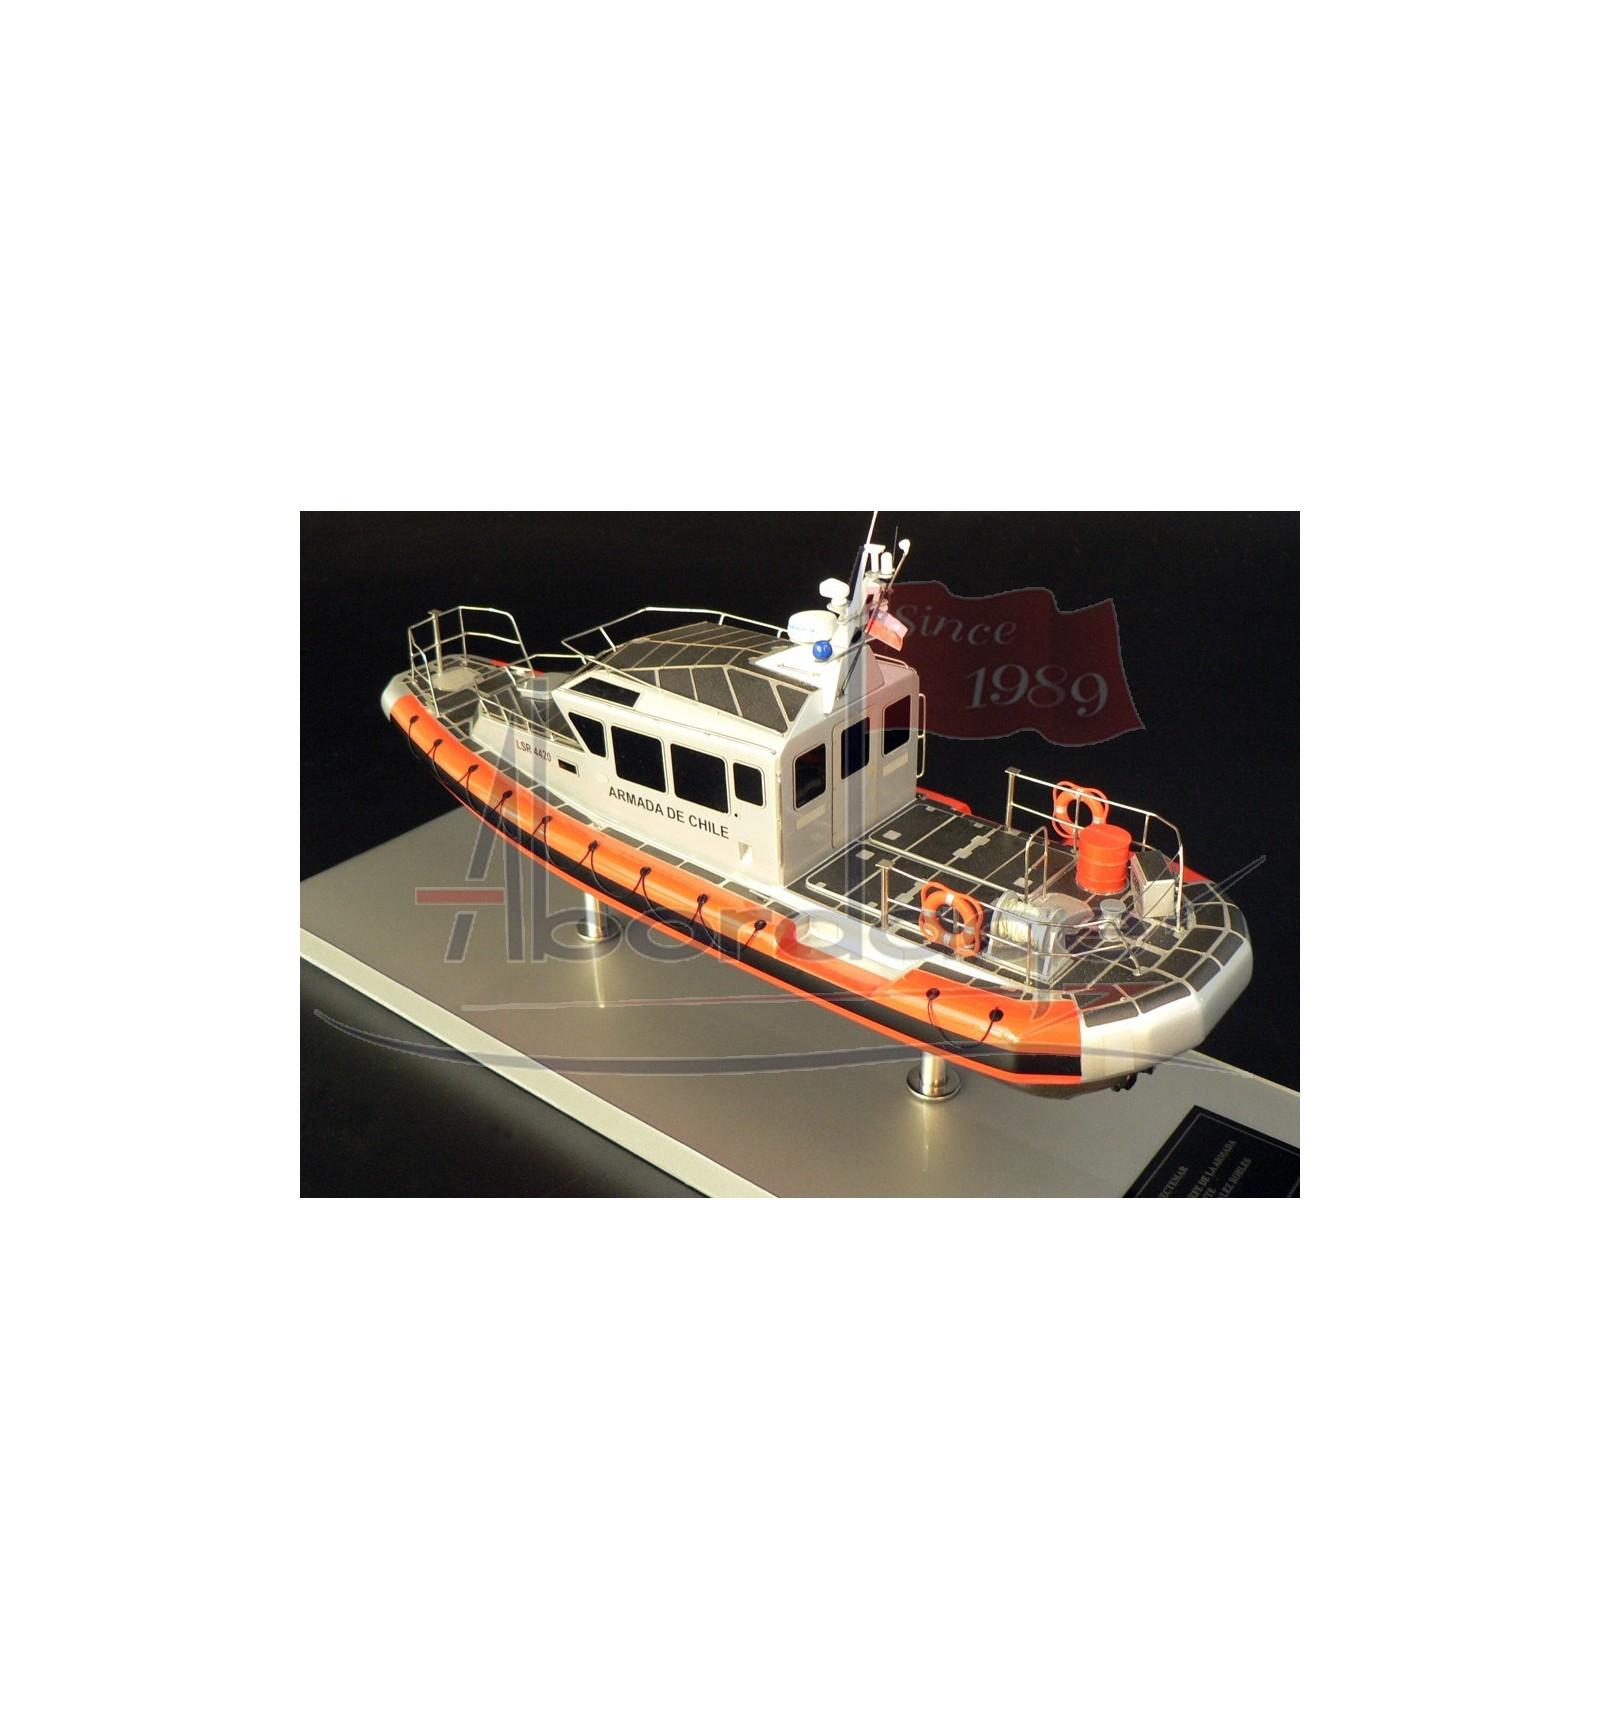 SAFE 33 Full Cabin Inboard